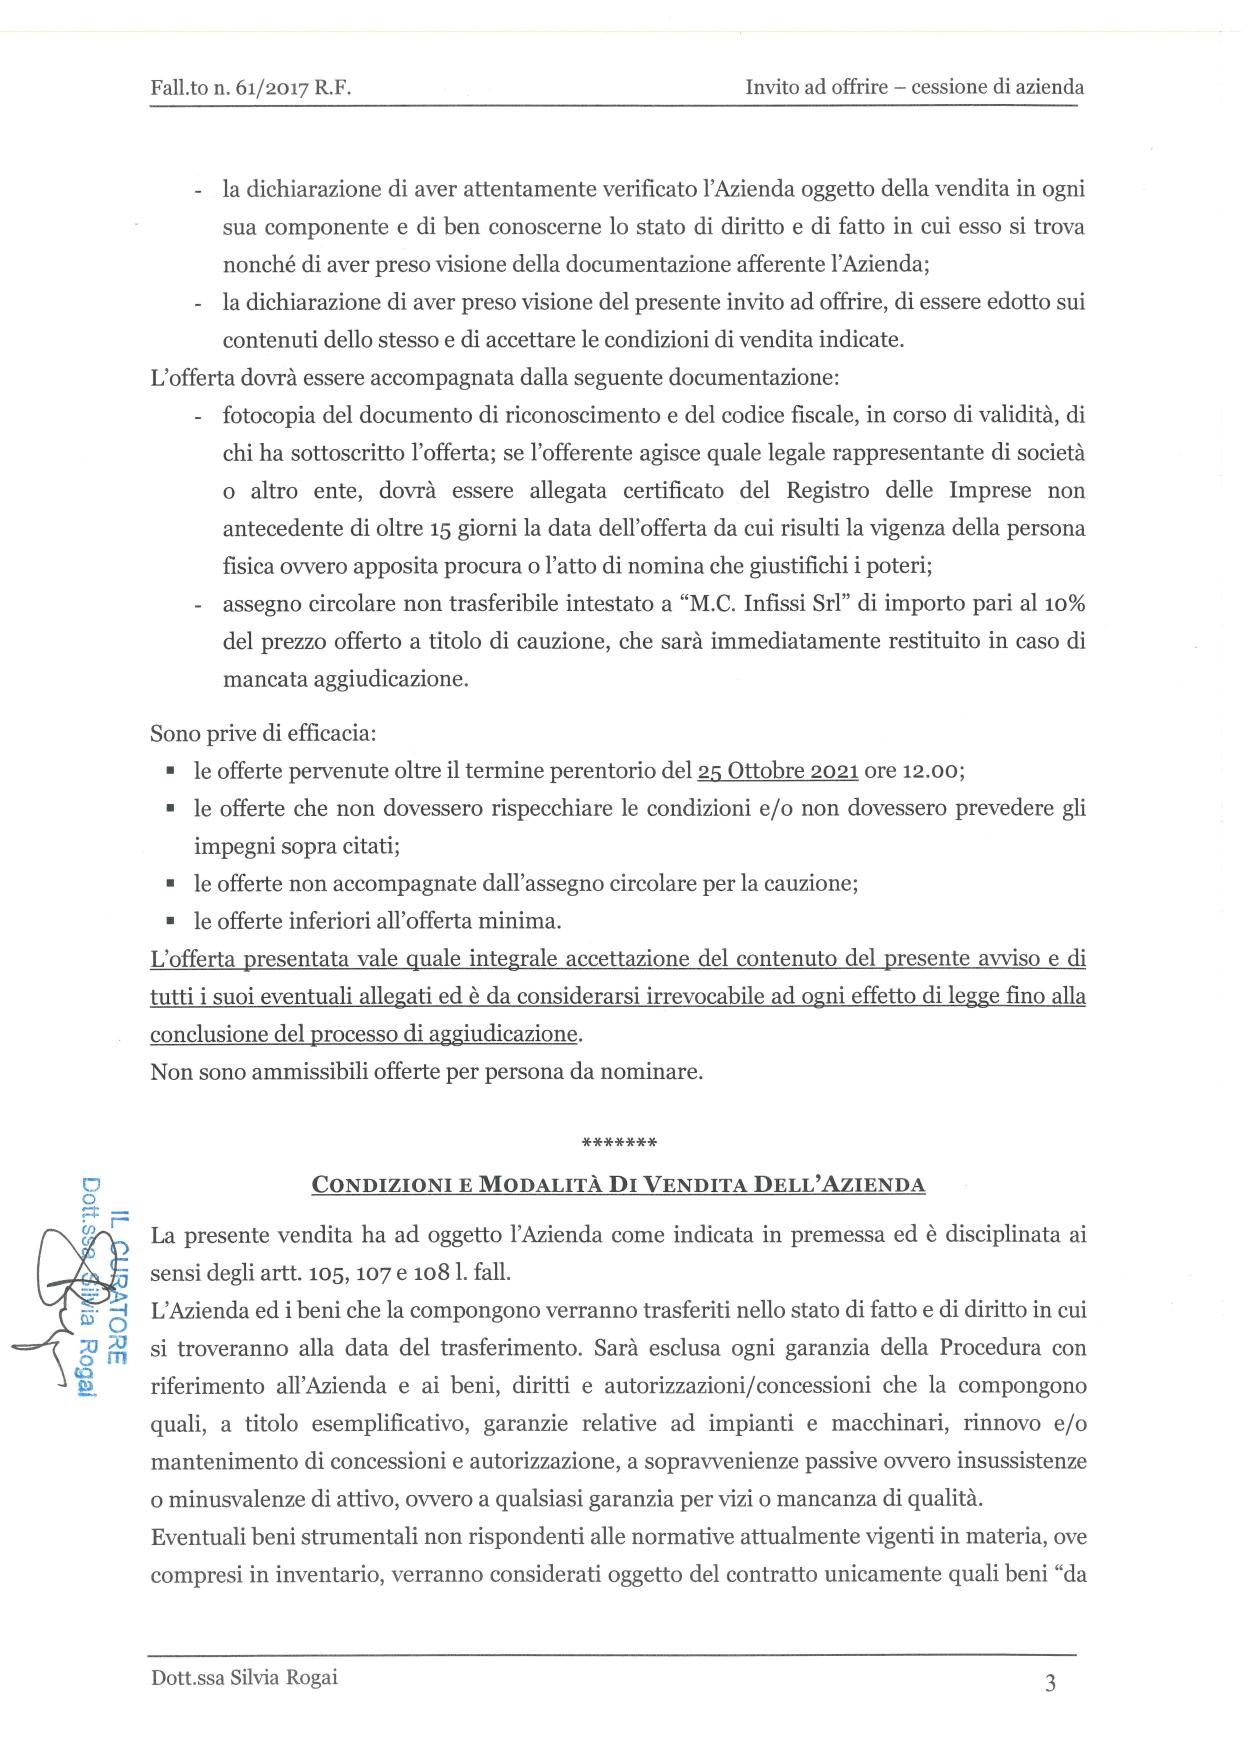 Fall. 61/2017 Trib. di Prato - Cessione azienda operat in vendita - foto 3